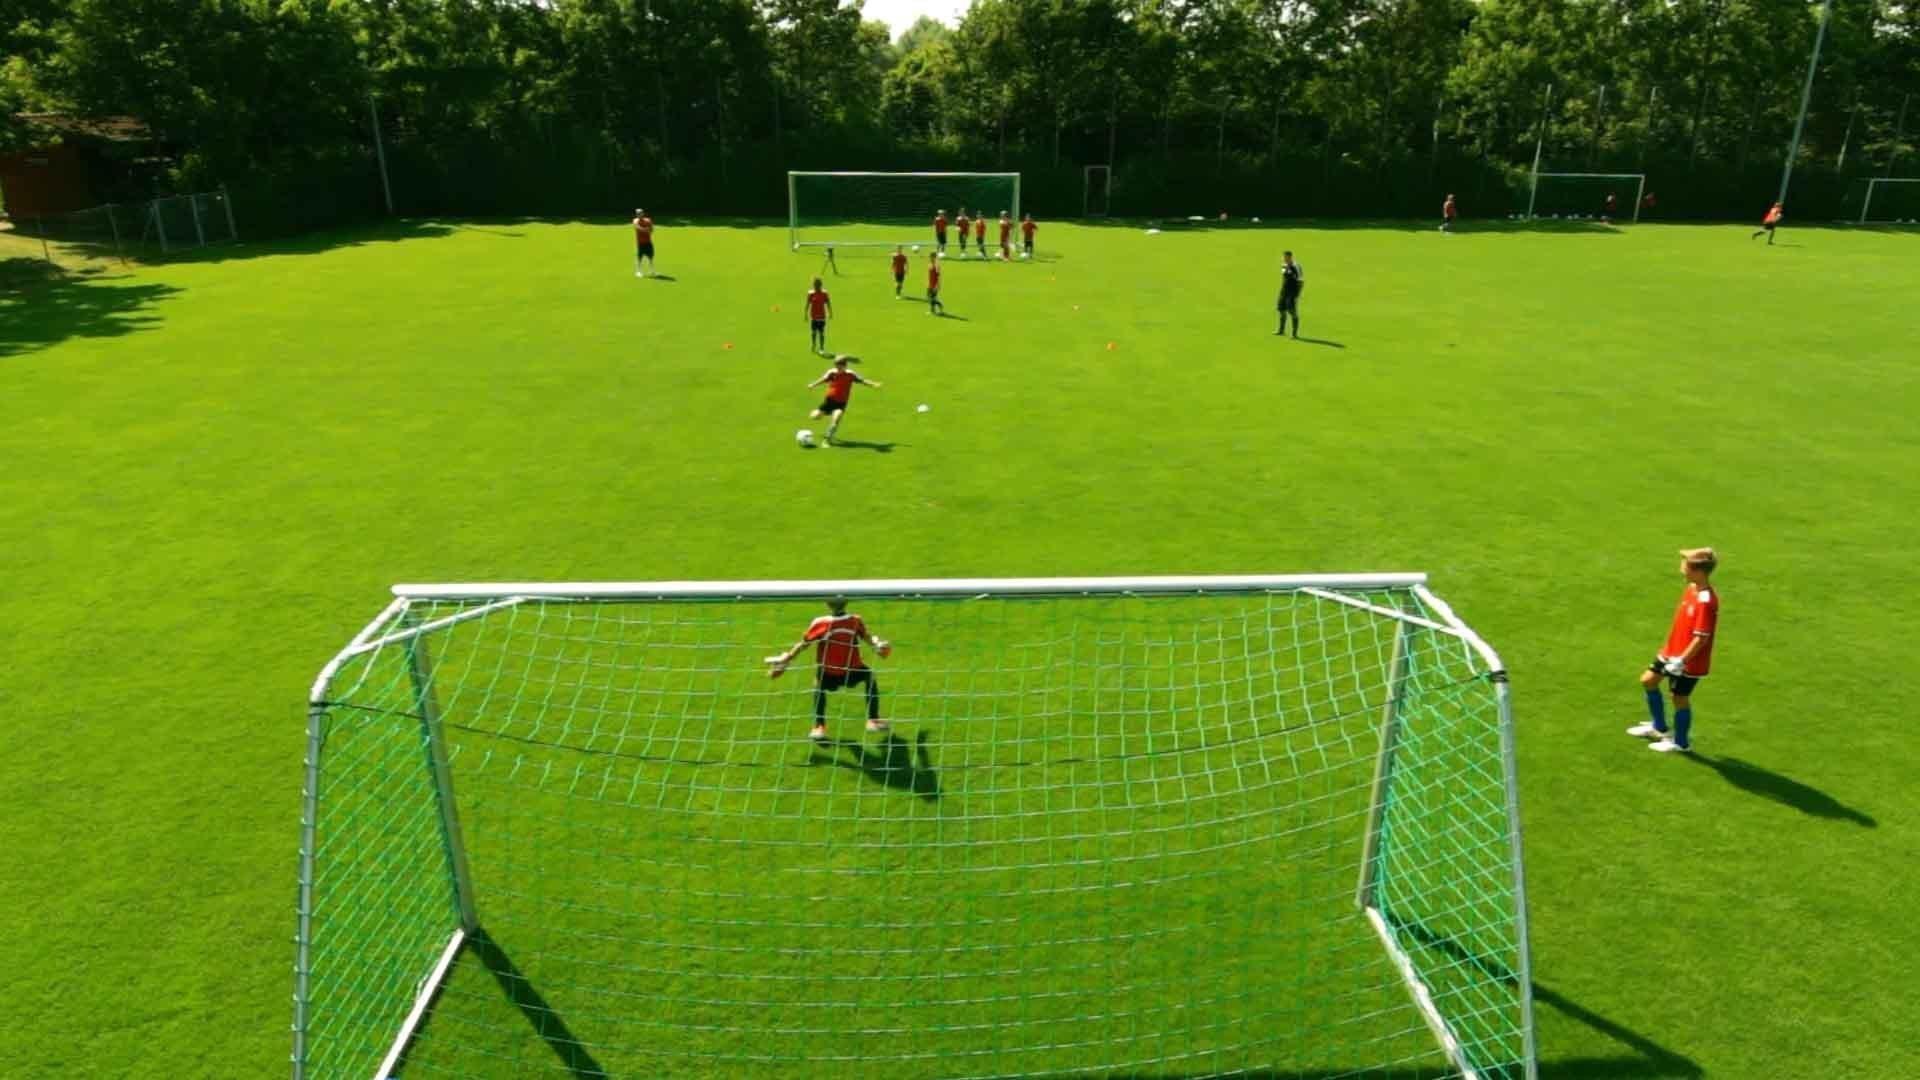 """Passübung für Fußball-Jugendmannschaften: """"Such' eine Linie mit Torschuss"""""""